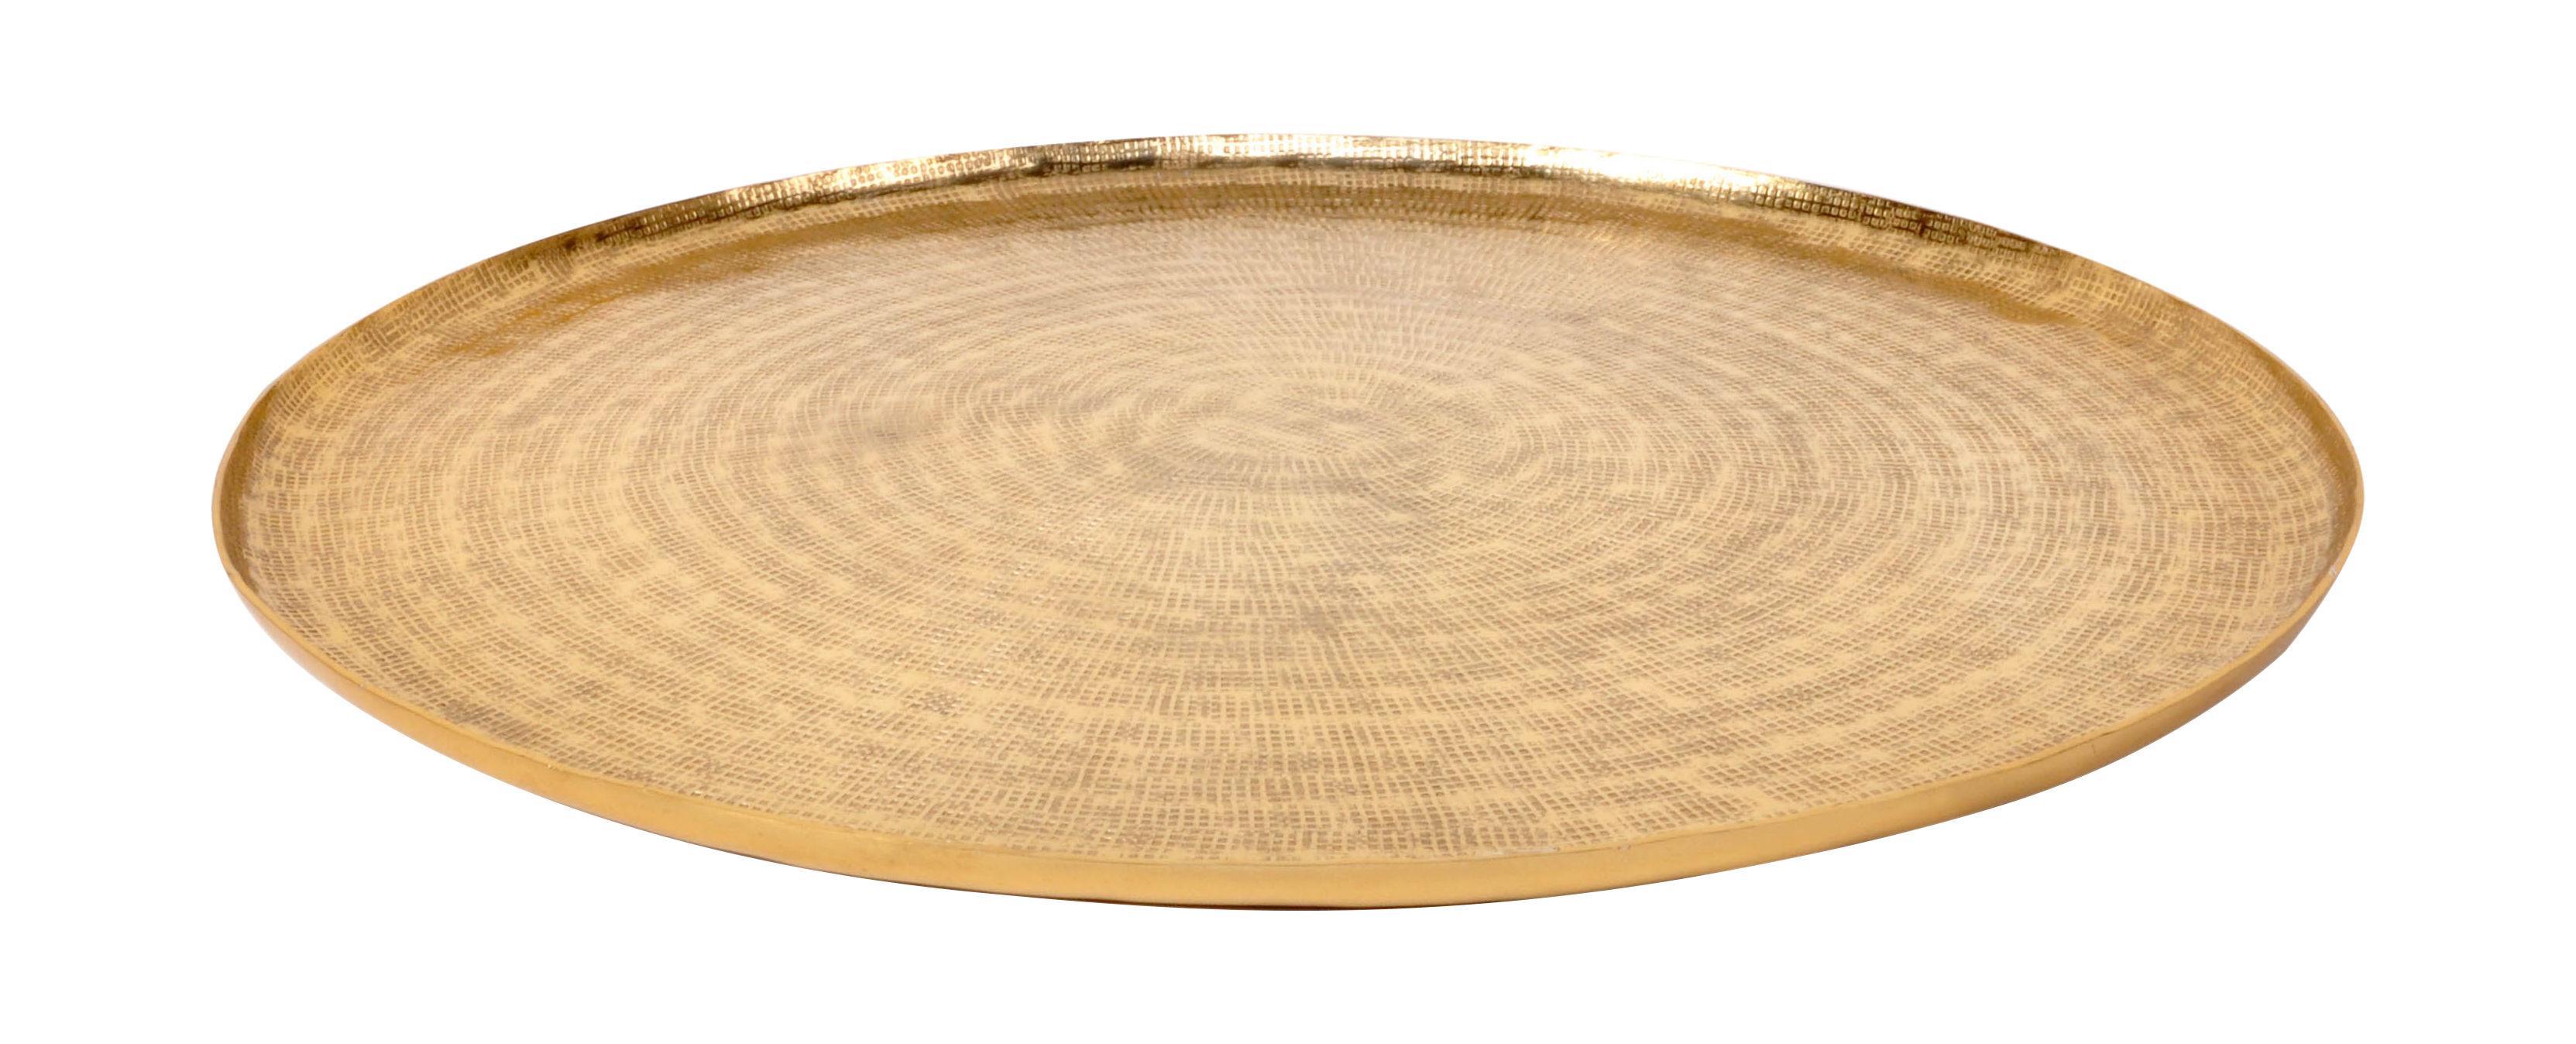 Arts de la table - Plateaux - Plateau Bali / Ø 37 cm - Métal - XL Boom - Laiton - Aluminium plaqué